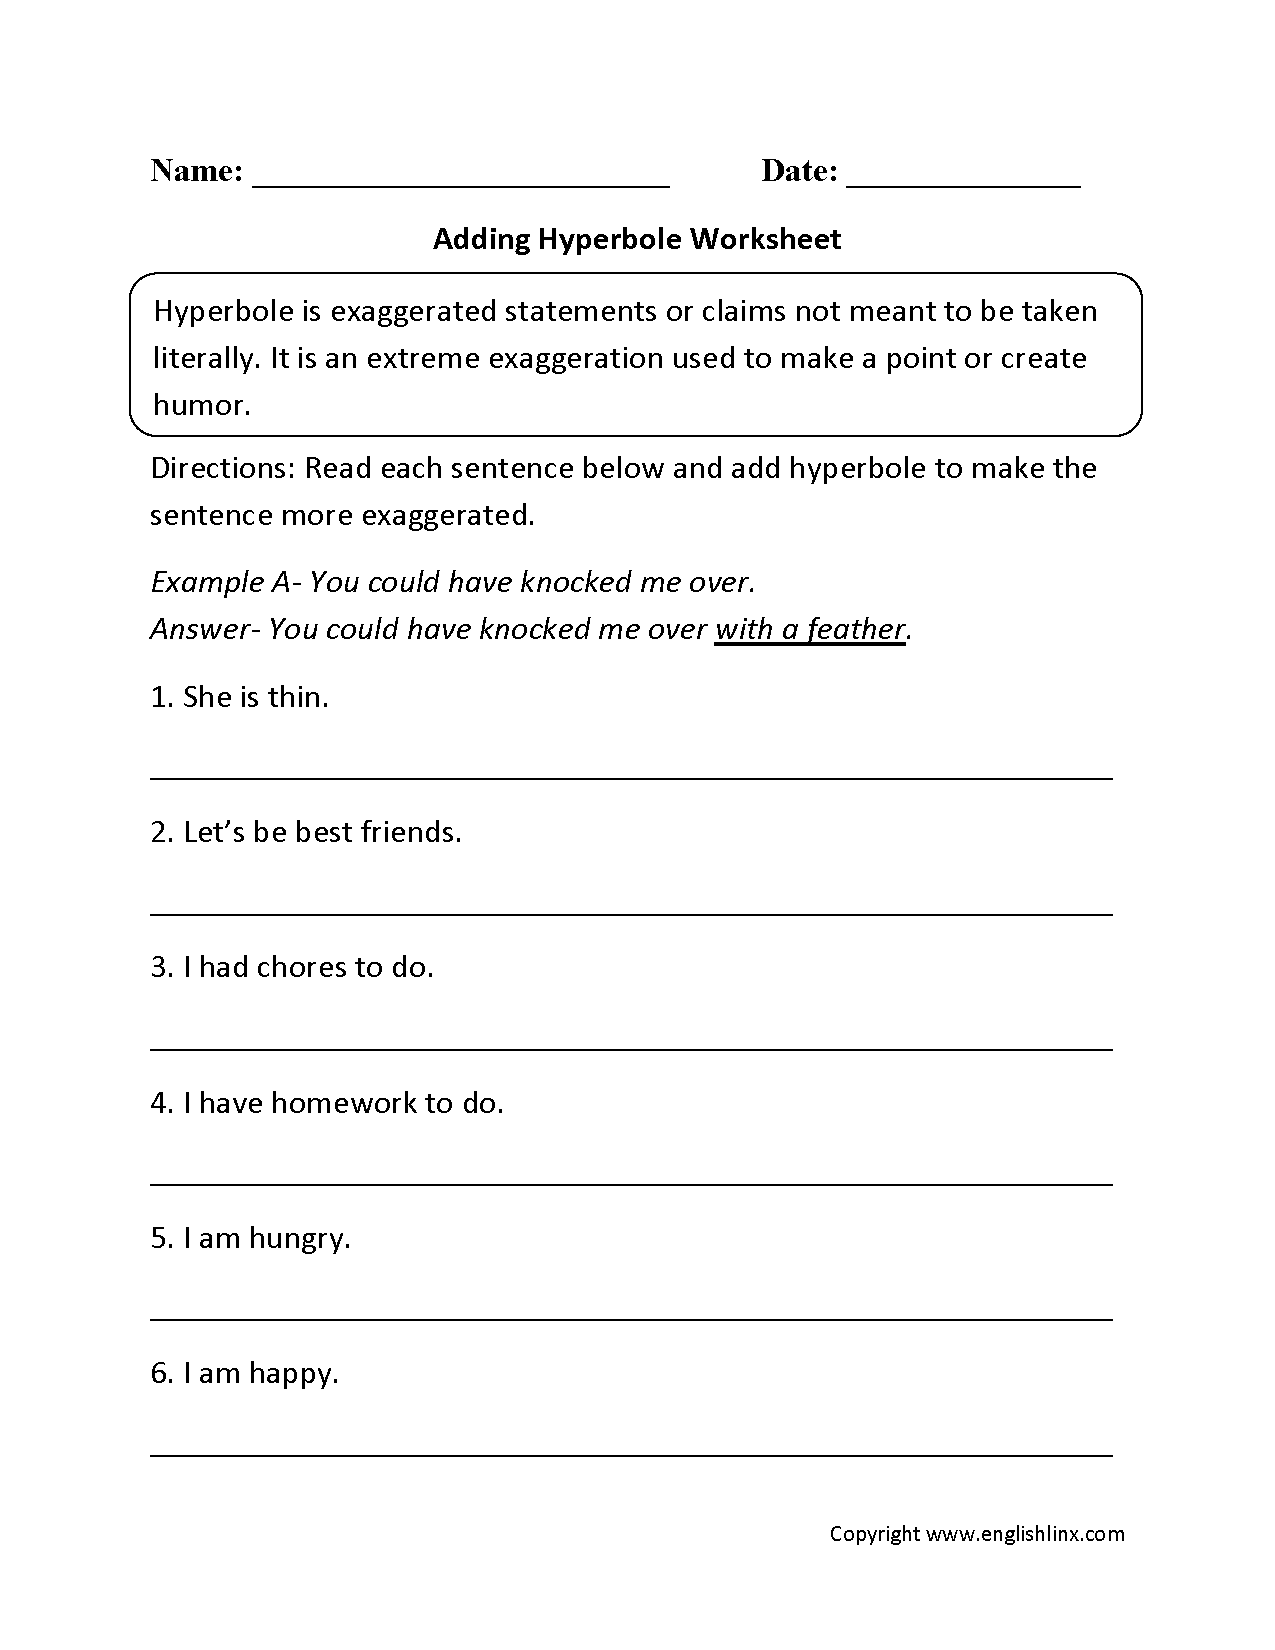 Adding Hyperbole Worksheet   Figurative language worksheet [ 1650 x 1275 Pixel ]